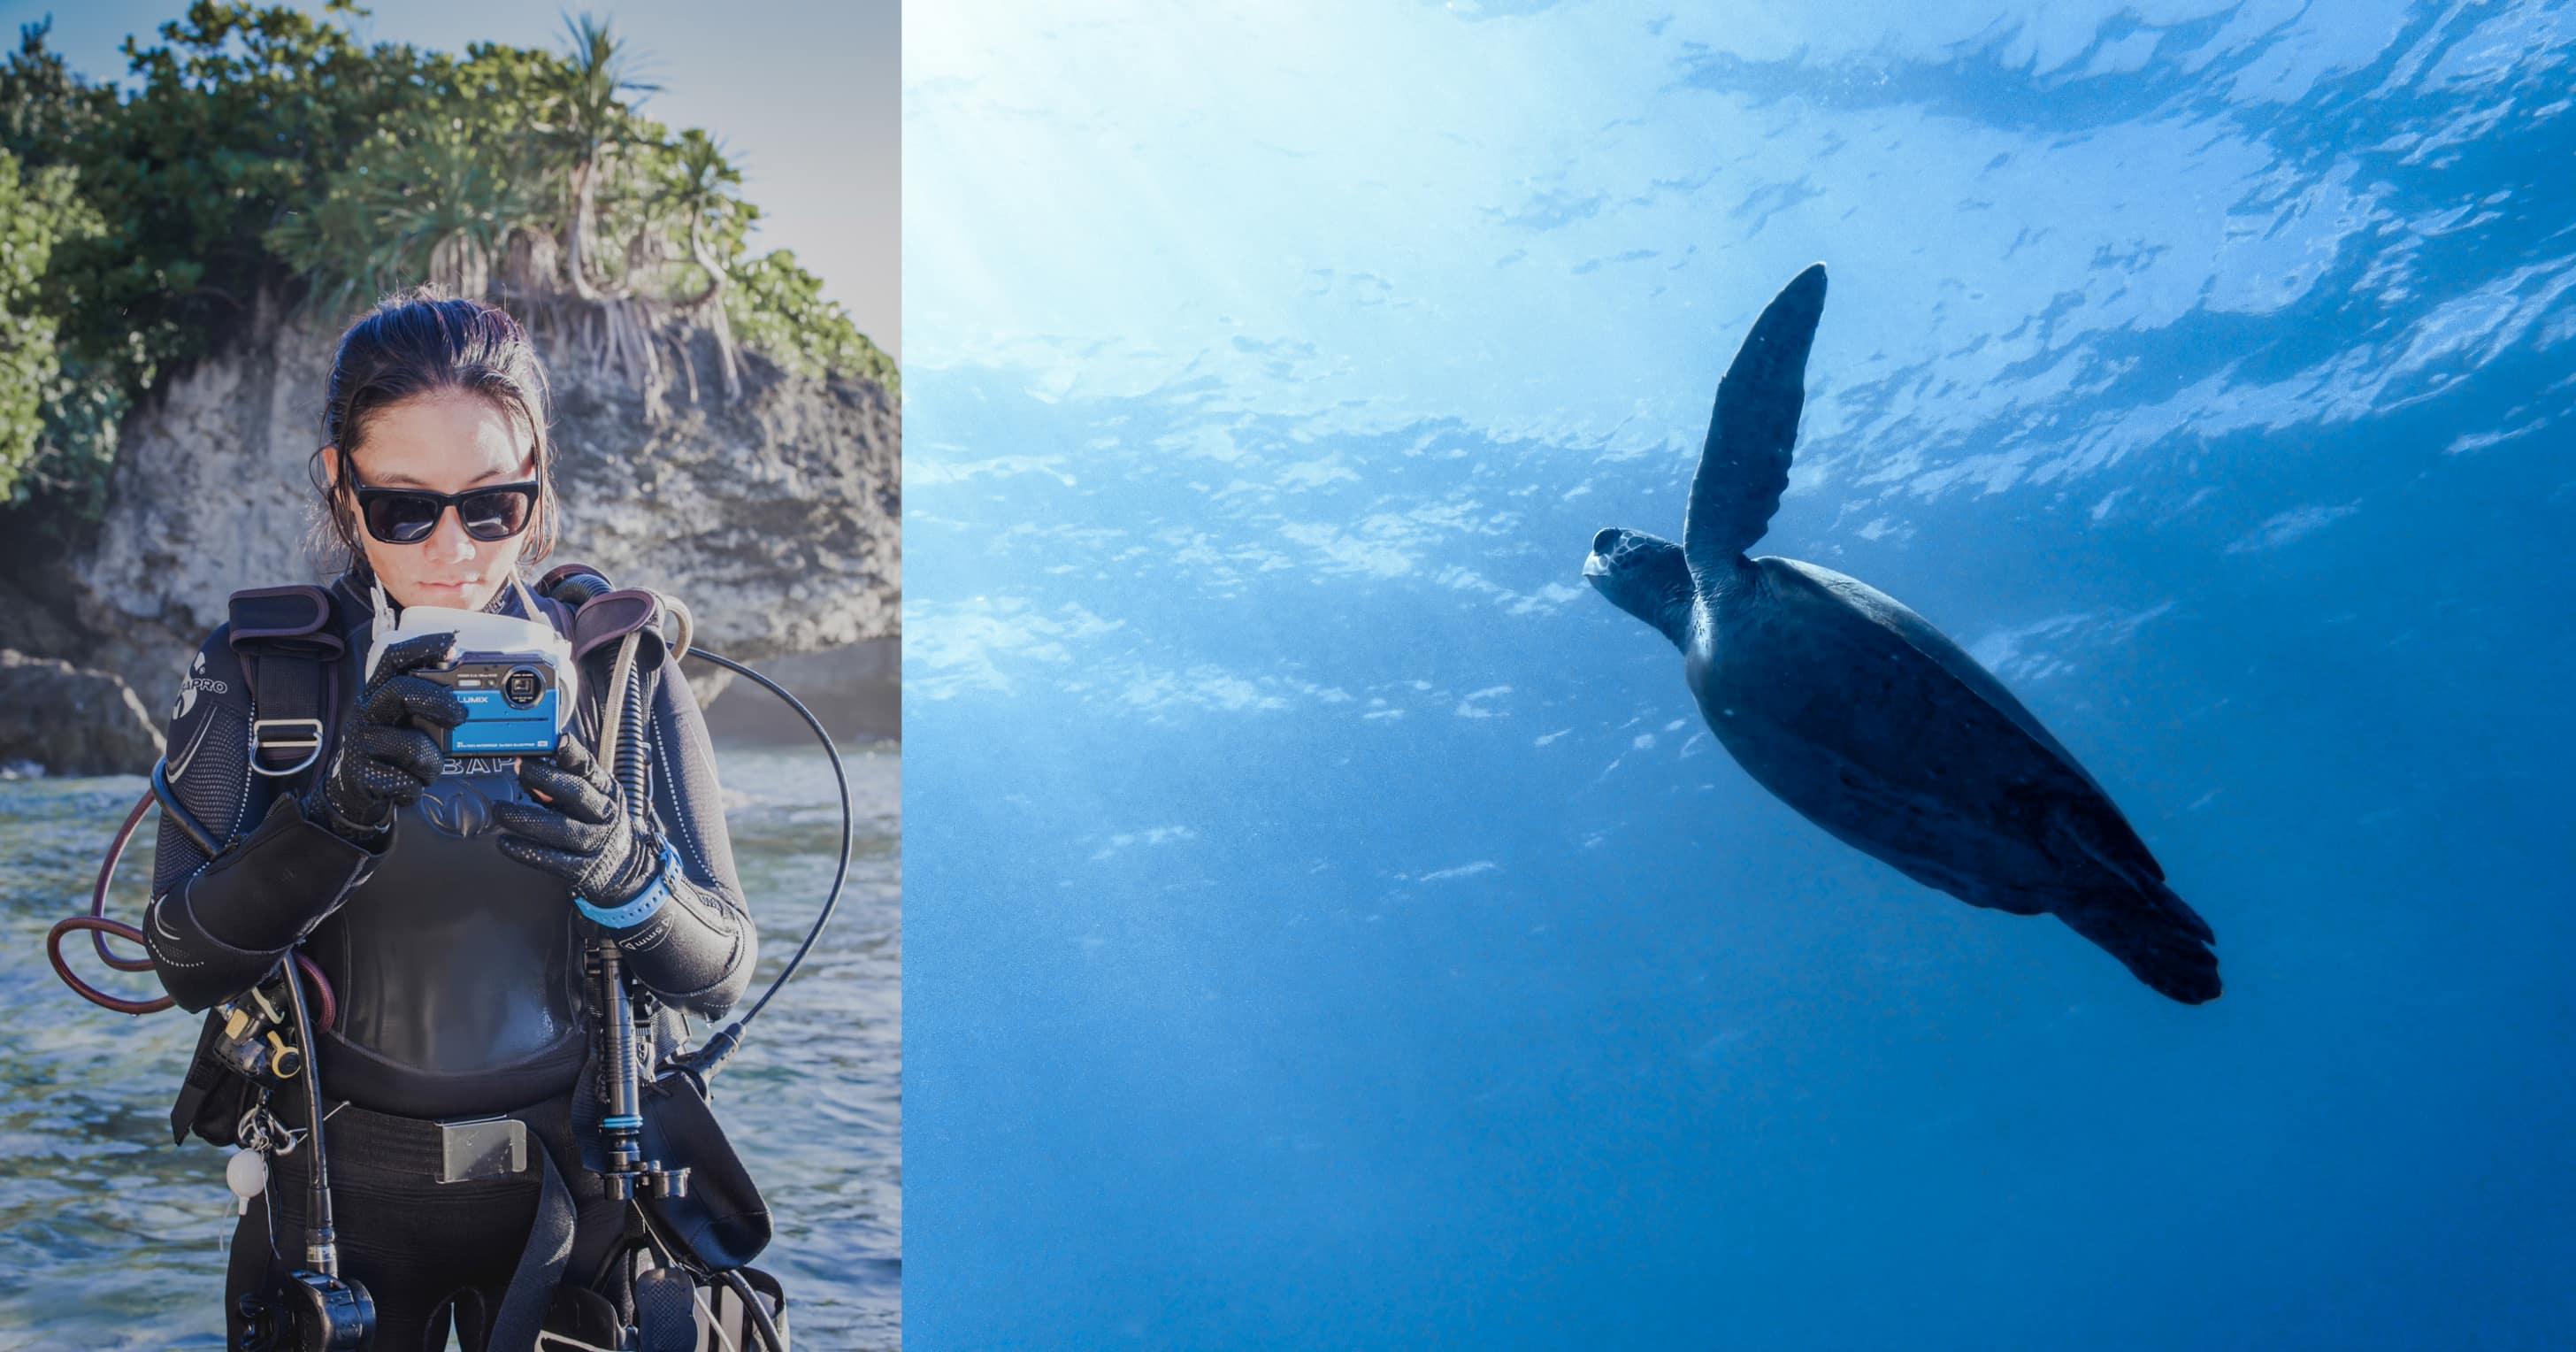 最有「潛」力的五防強固相機 Panasonic LUMIX DC-TS7:上山下海的戶外夥伴 讓「神眼導潛」林音樂紀錄大海孕育的感動